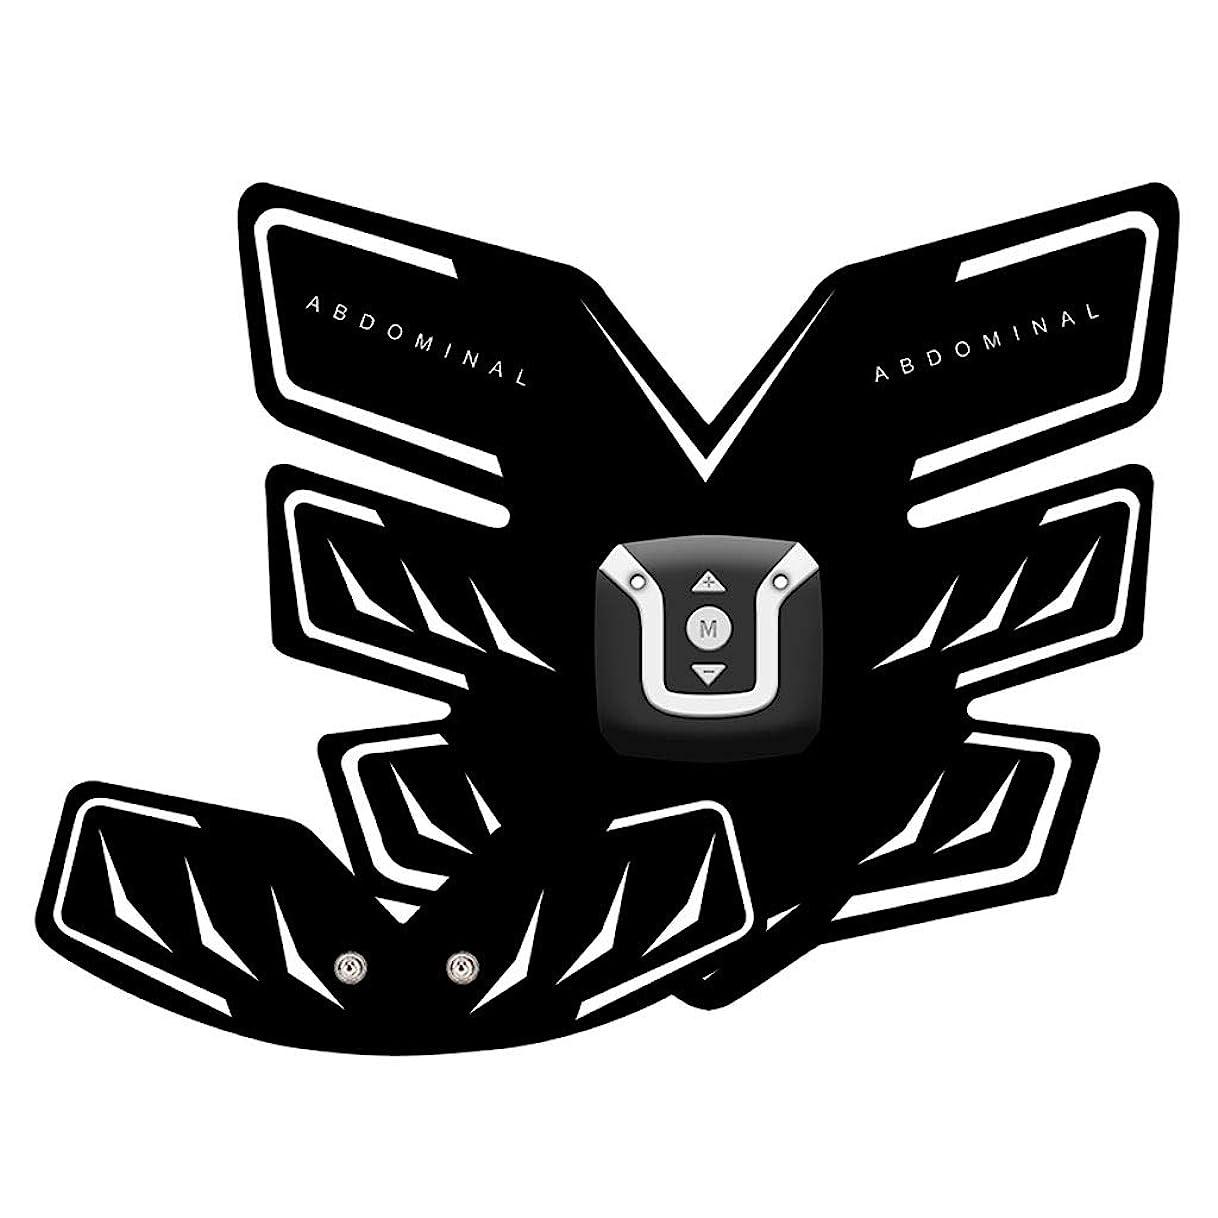 ご注意鉄ビーズUsb充電筋肉トナー腹筋absシミュレータ腹部トレーニングワイヤレスemsトレーニングホームオフィス用腹部腕脚トレーニングホームオフィスエクササイズ (Color : Black, Size : A+B)